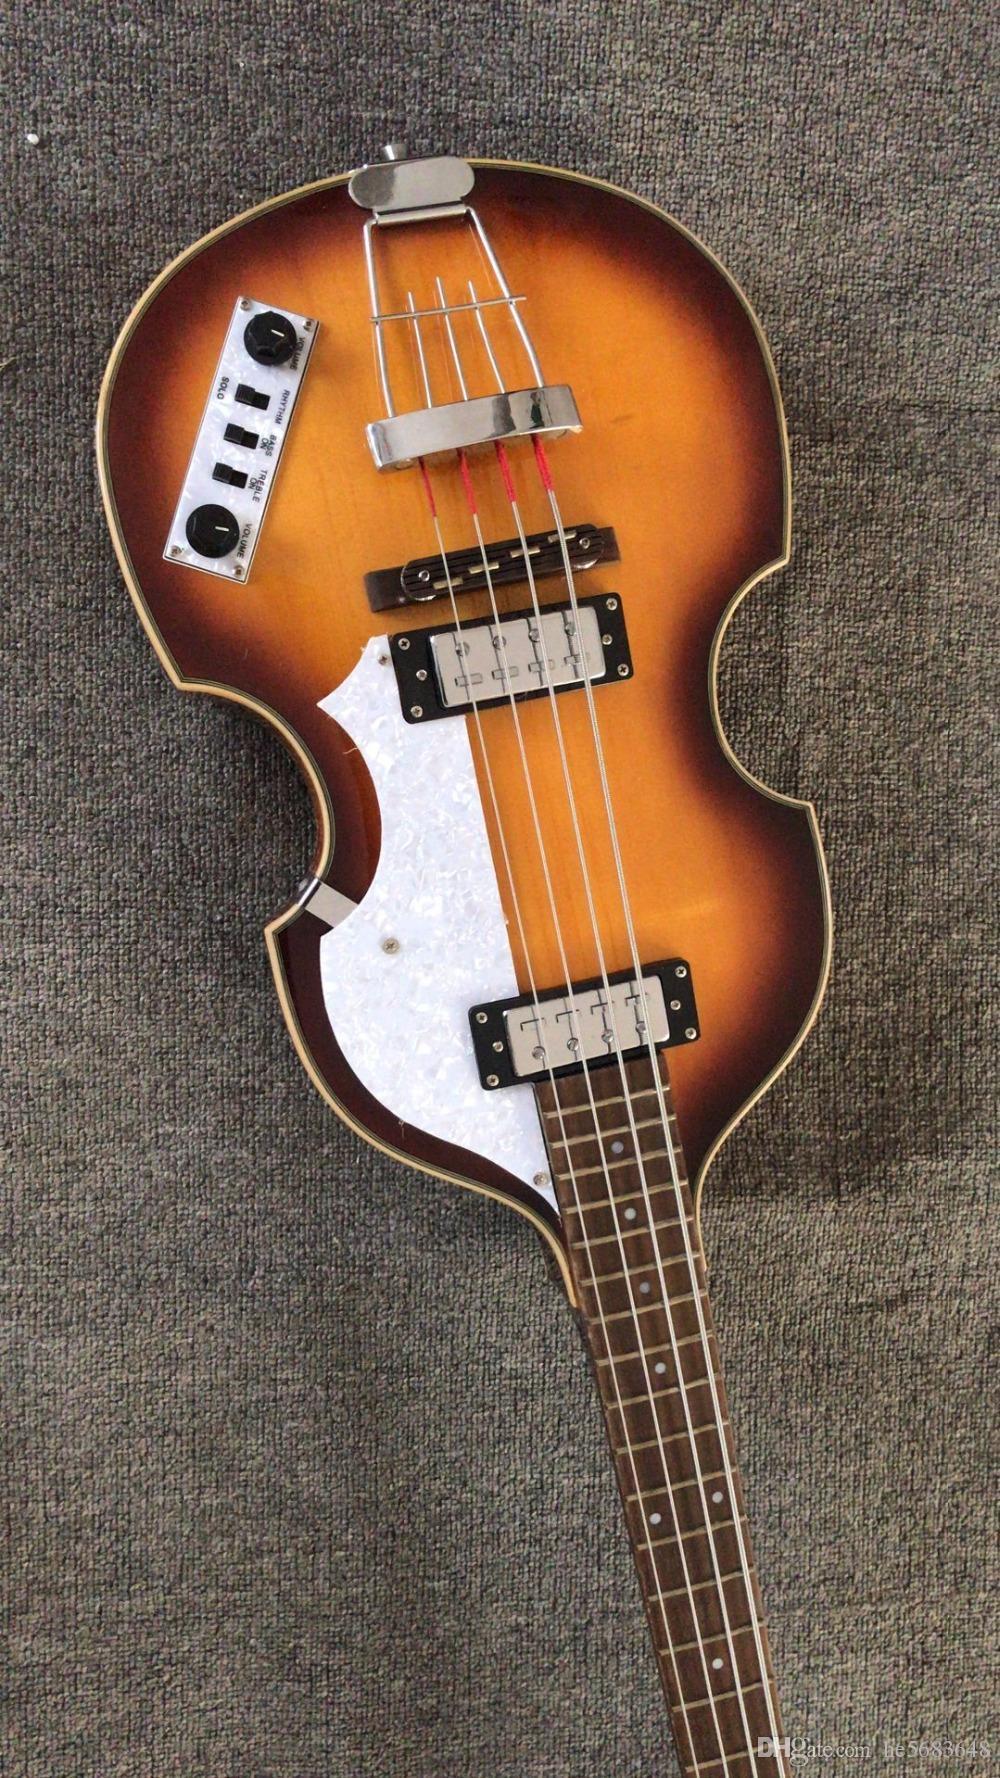 Vendita all'ingrosso New 4 corde basso elettrico chitarra contemporanea 500/1 Sunburst violino basso elettrico di alta qualità